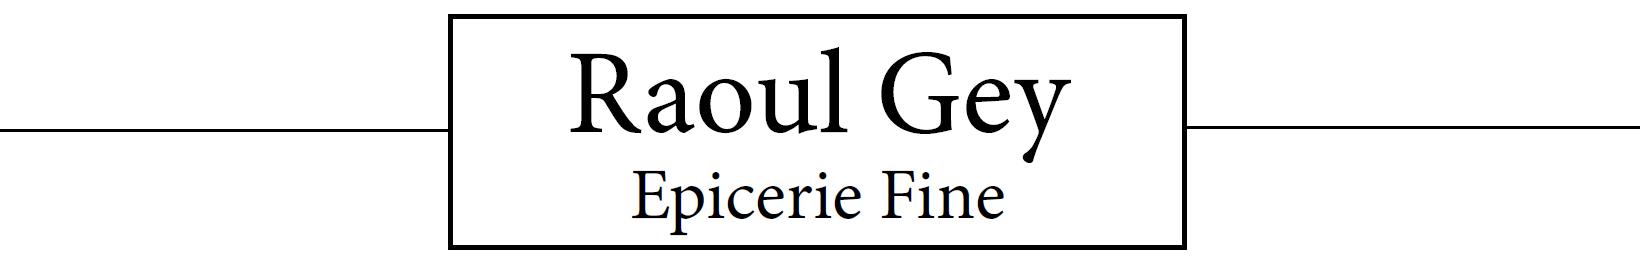 Raoul Gey Epicerie Finie